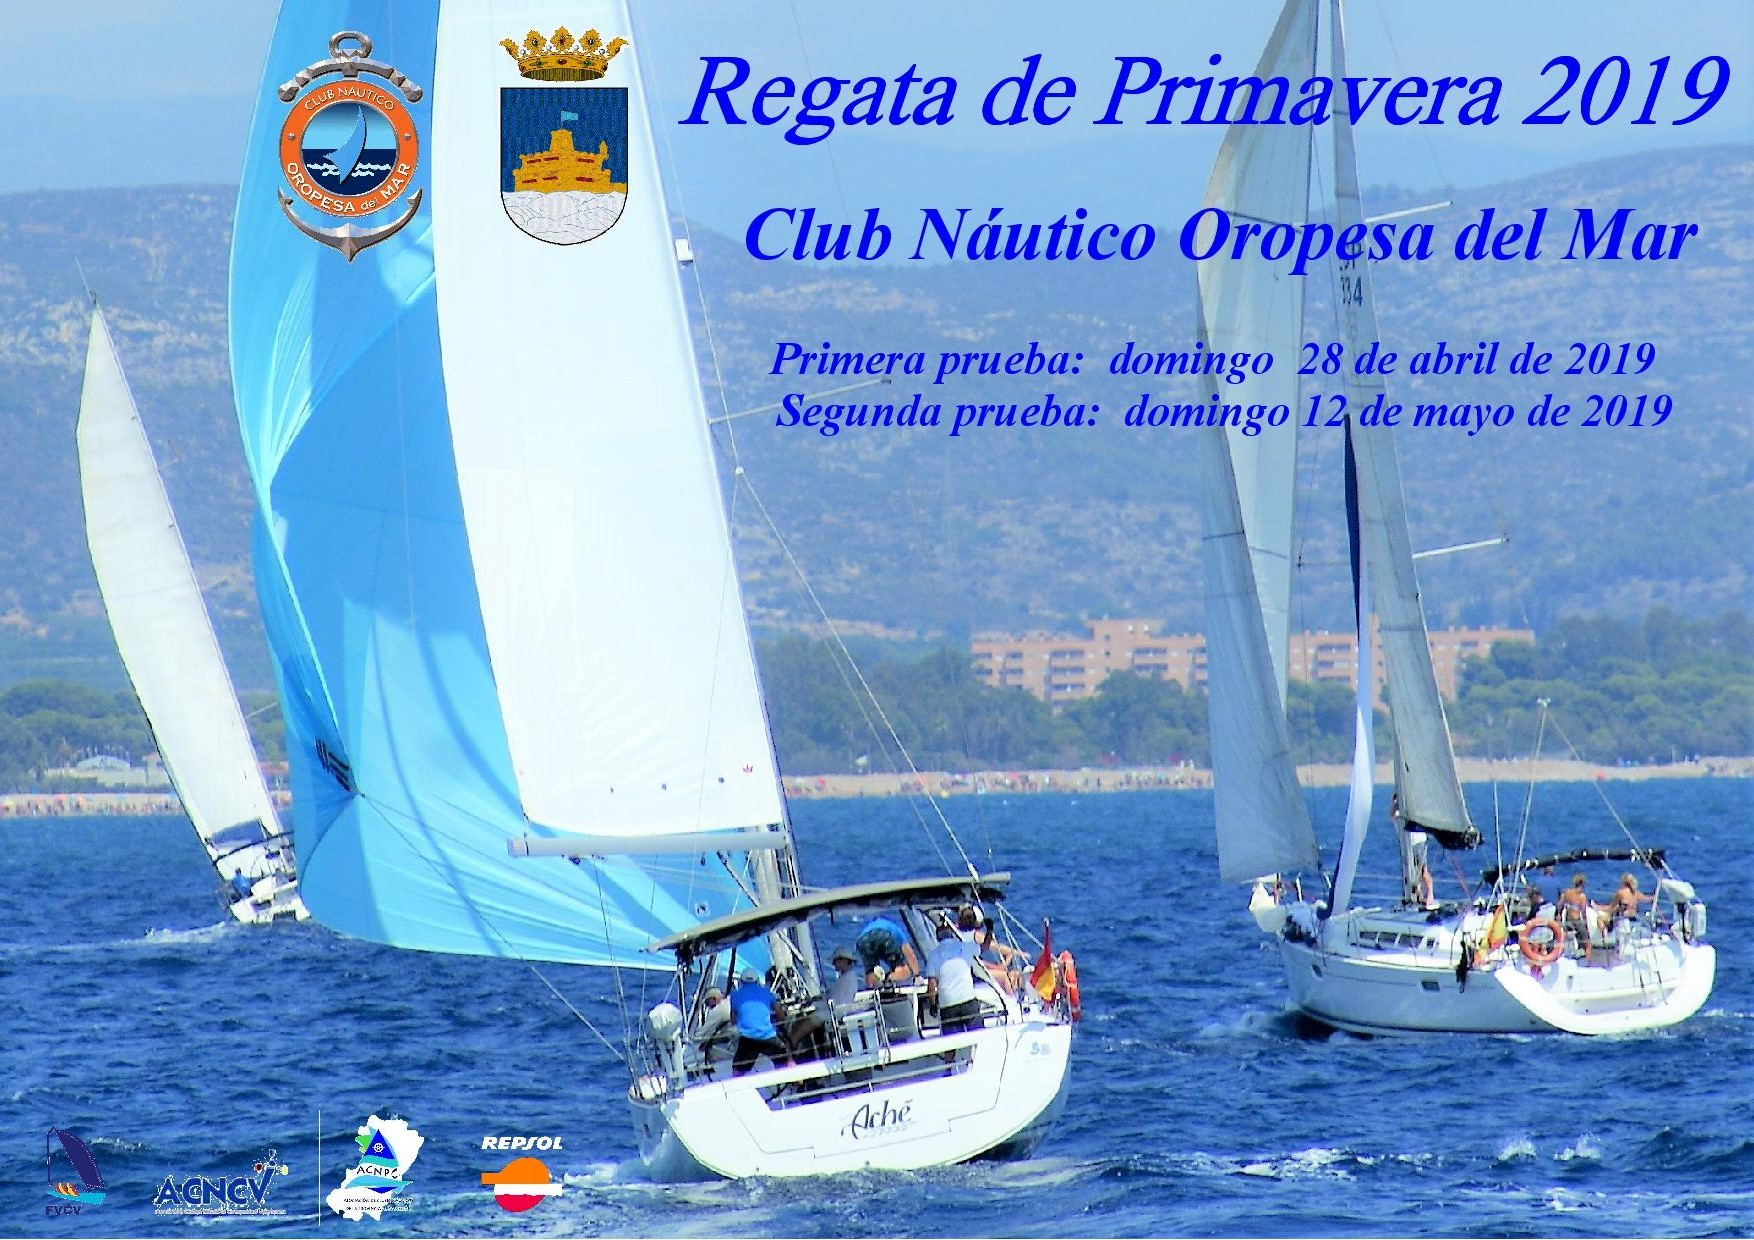 cartel regata primavera 2019 1 - Segunda prueba Regata Primavera 2019